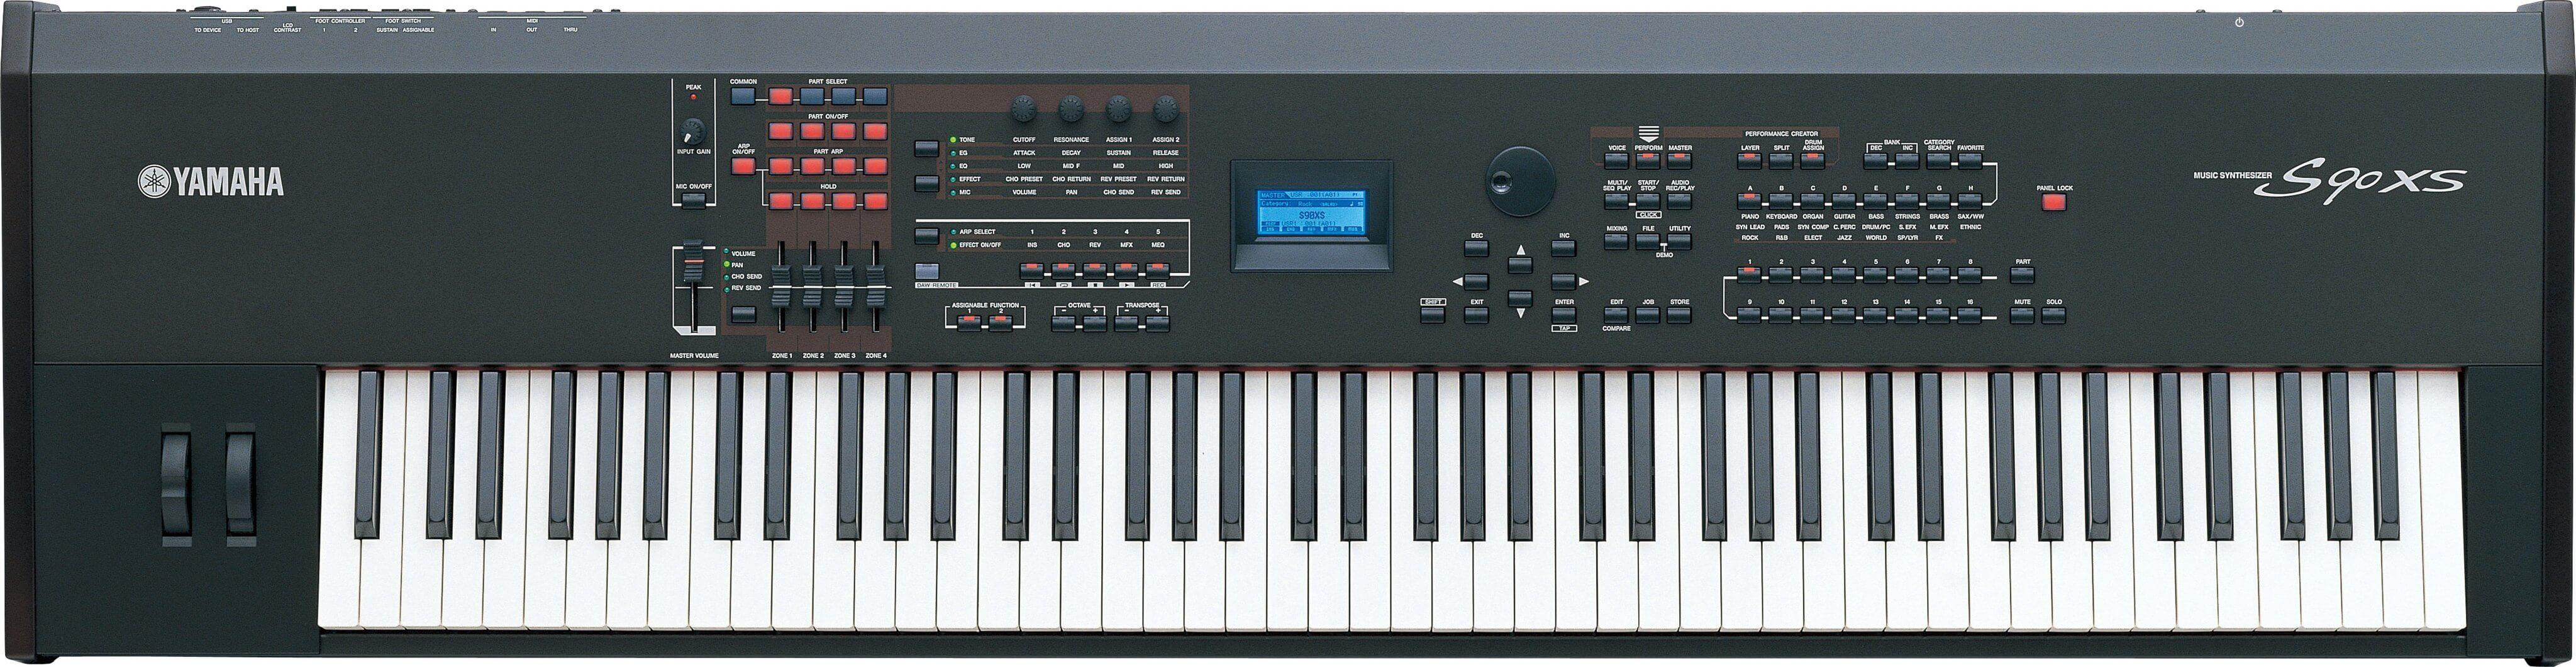 Sintetizador Yamaha S90 Xs